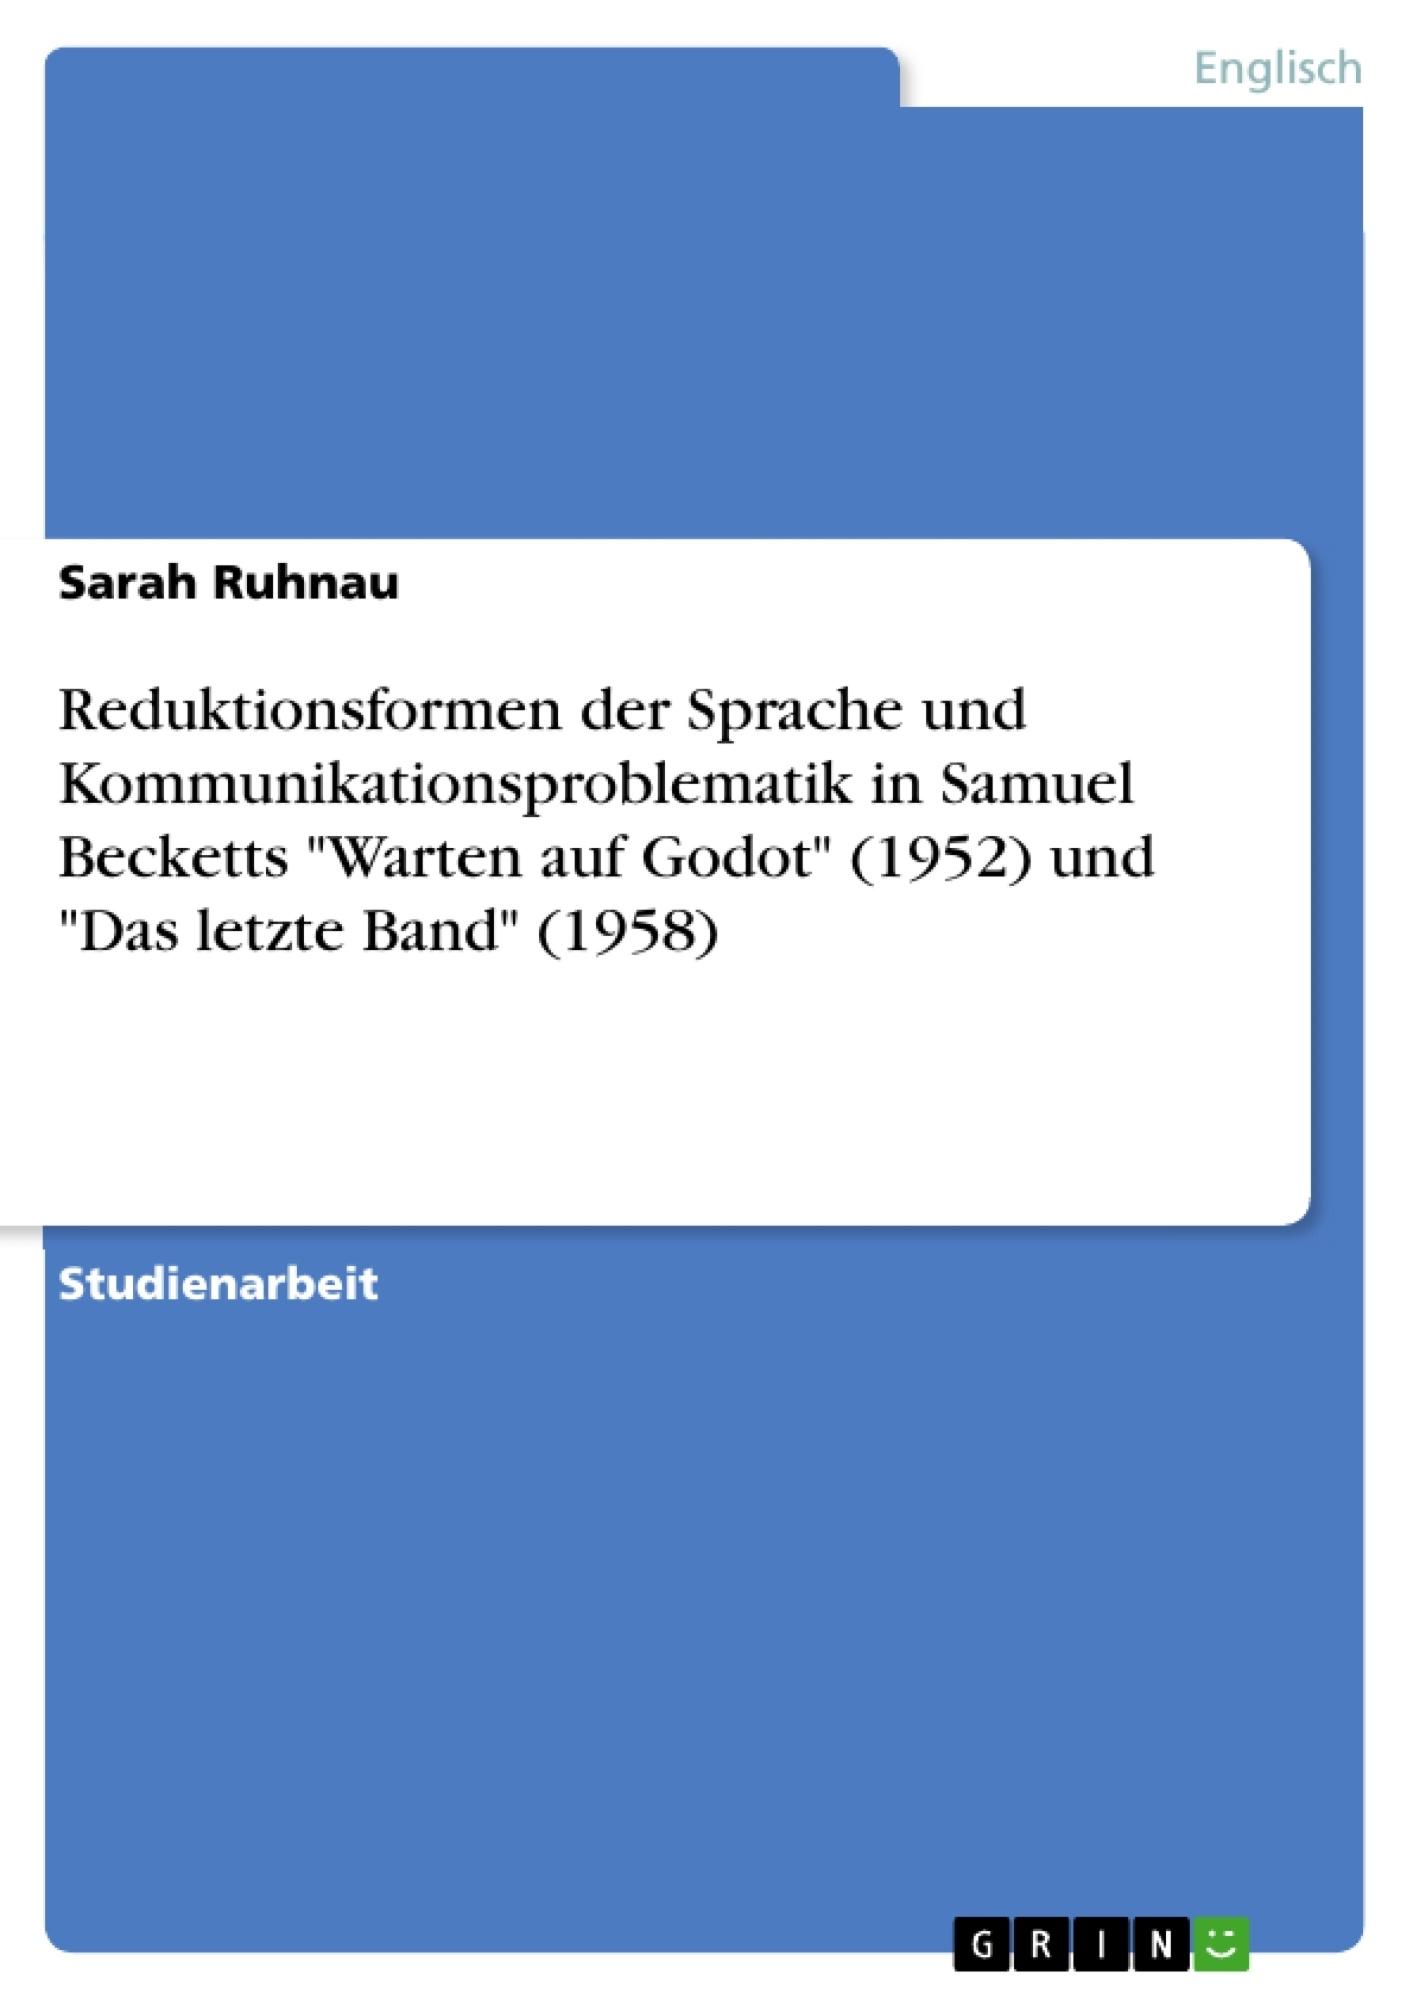 """Titel: Reduktionsformen der Sprache und Kommunikationsproblematik in Samuel Becketts """"Warten auf Godot"""" (1952) und """"Das letzte Band"""" (1958)"""